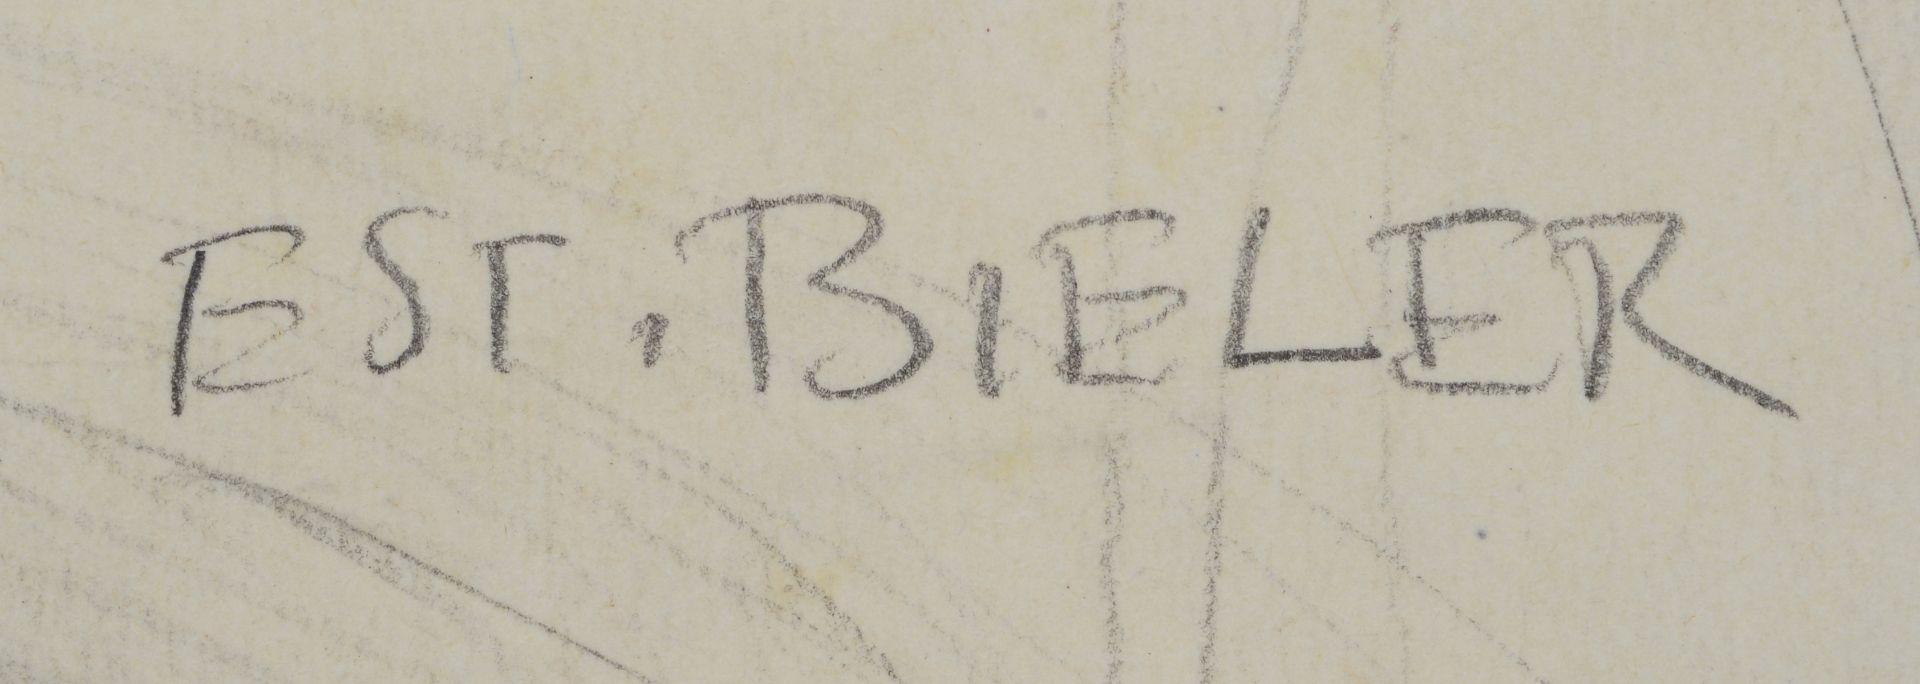 """BIÉLER, ERNEST: """"Prof. Roguin"""". - Image 2 of 3"""